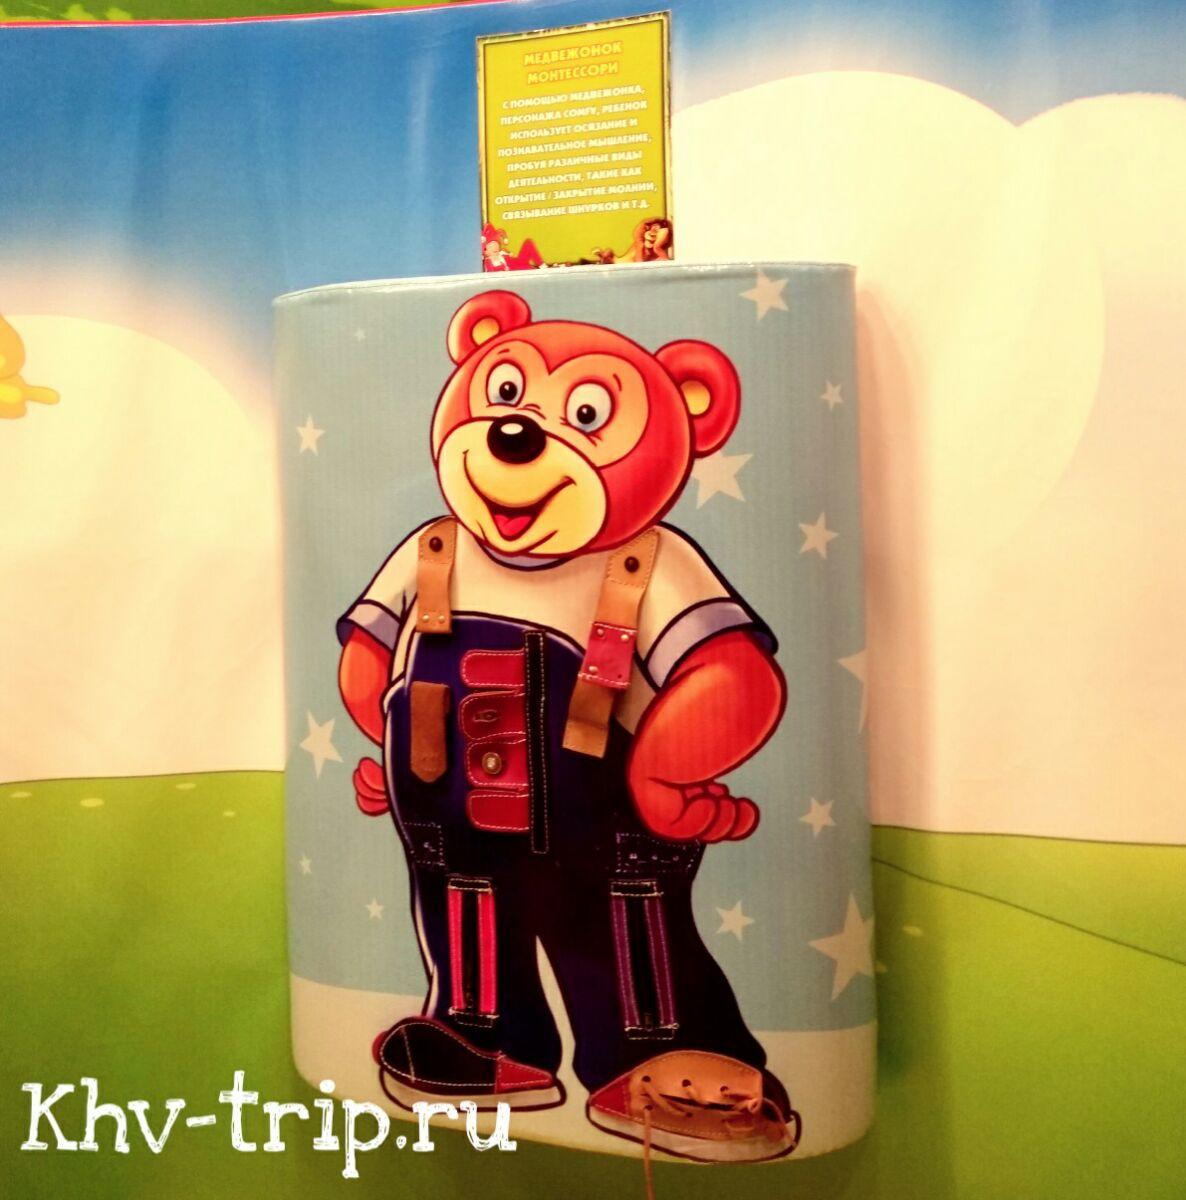 Сенсорная детская комната Хабаровск